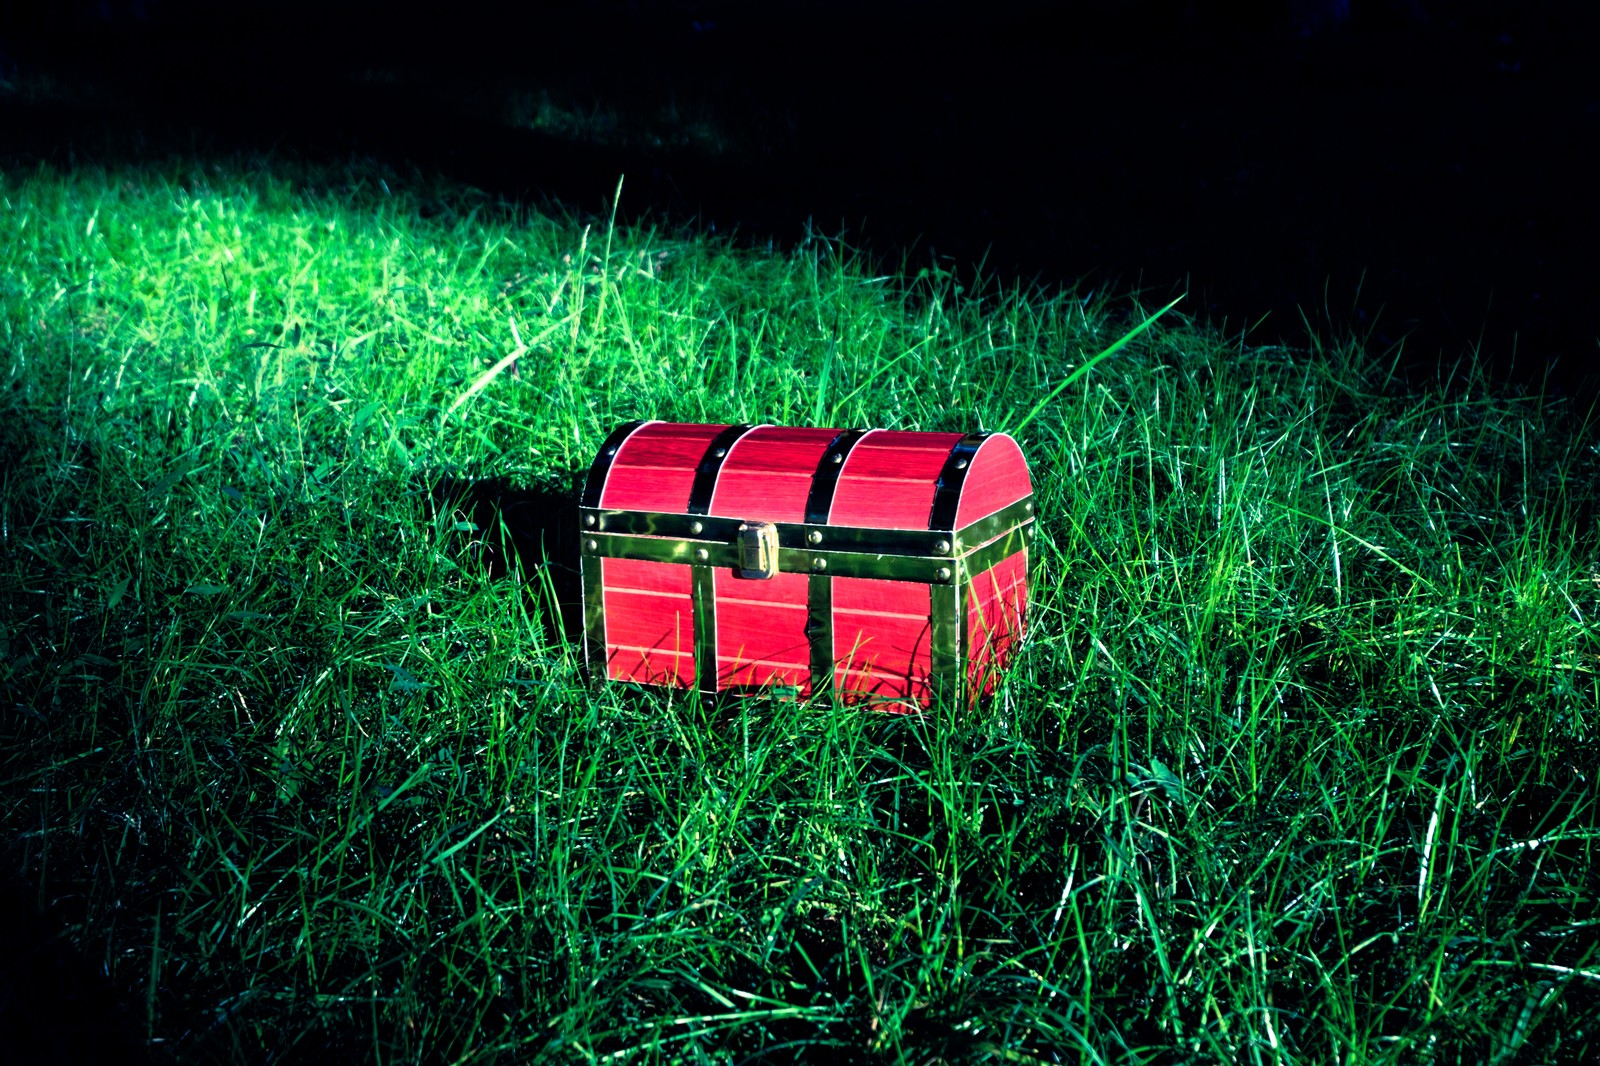 「宝箱がようすをみている」の写真